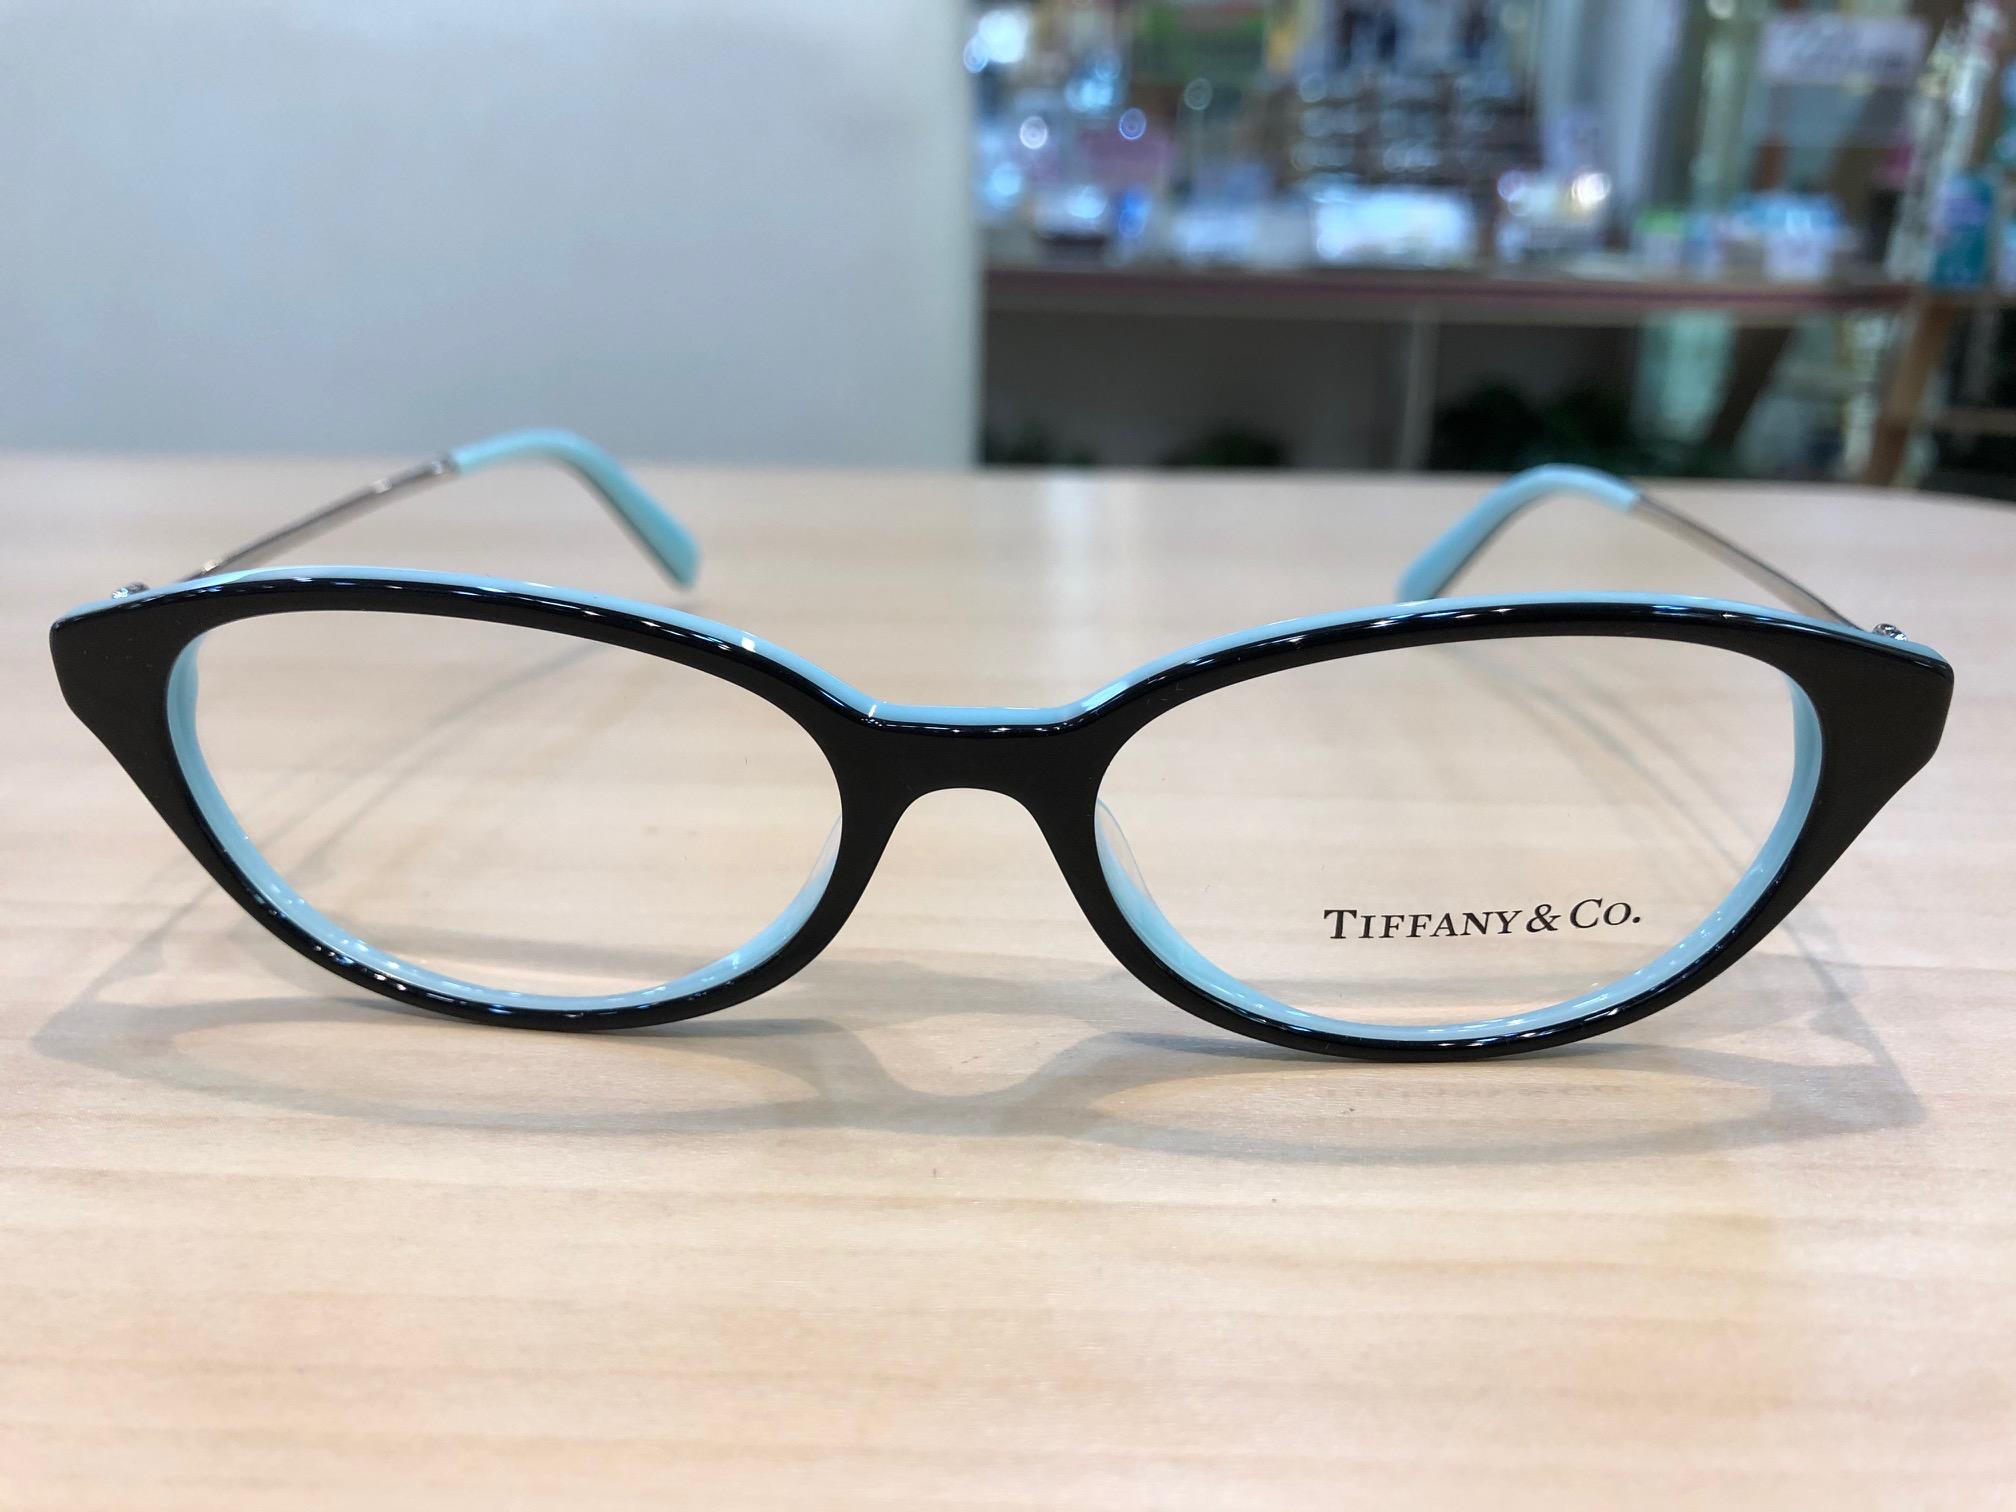 ティファニー 品番:TF2171D カラー:8055 レンズサイズ:52ミリ